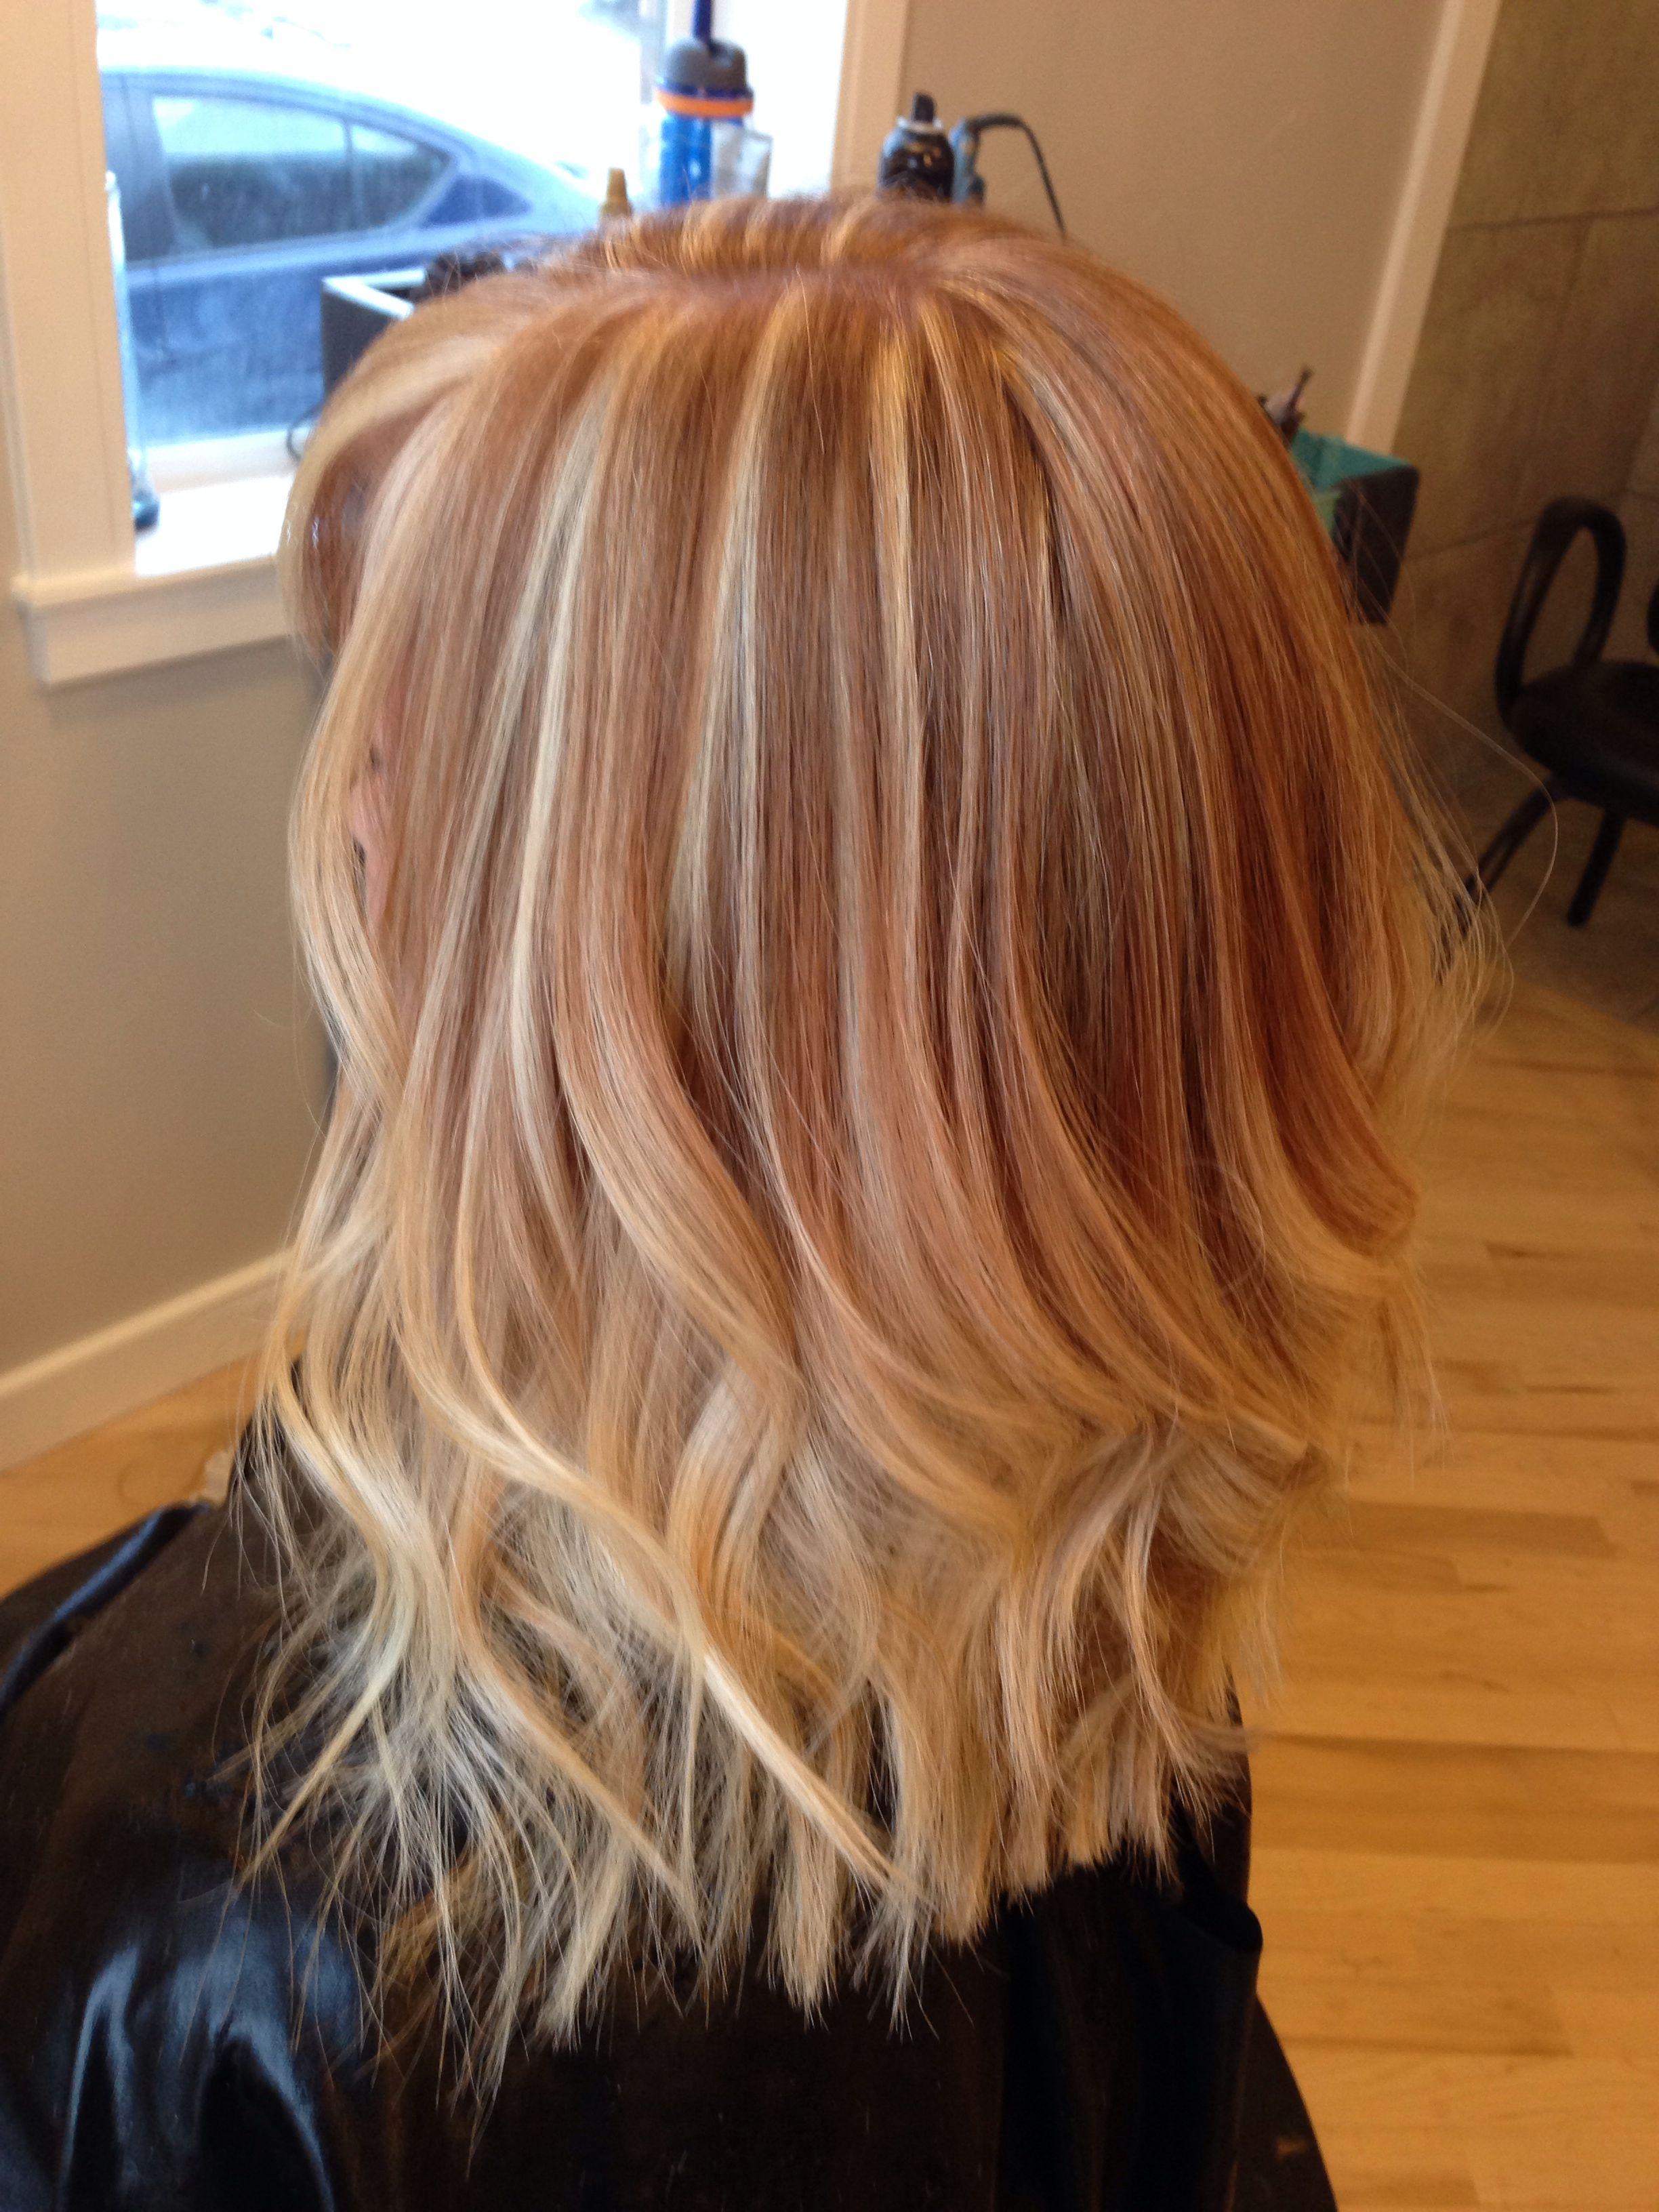 Strawberry Blonde Ombr 233 Covetcouture Salon Strawberry Blonde Hair Color Ombre Hair Blonde